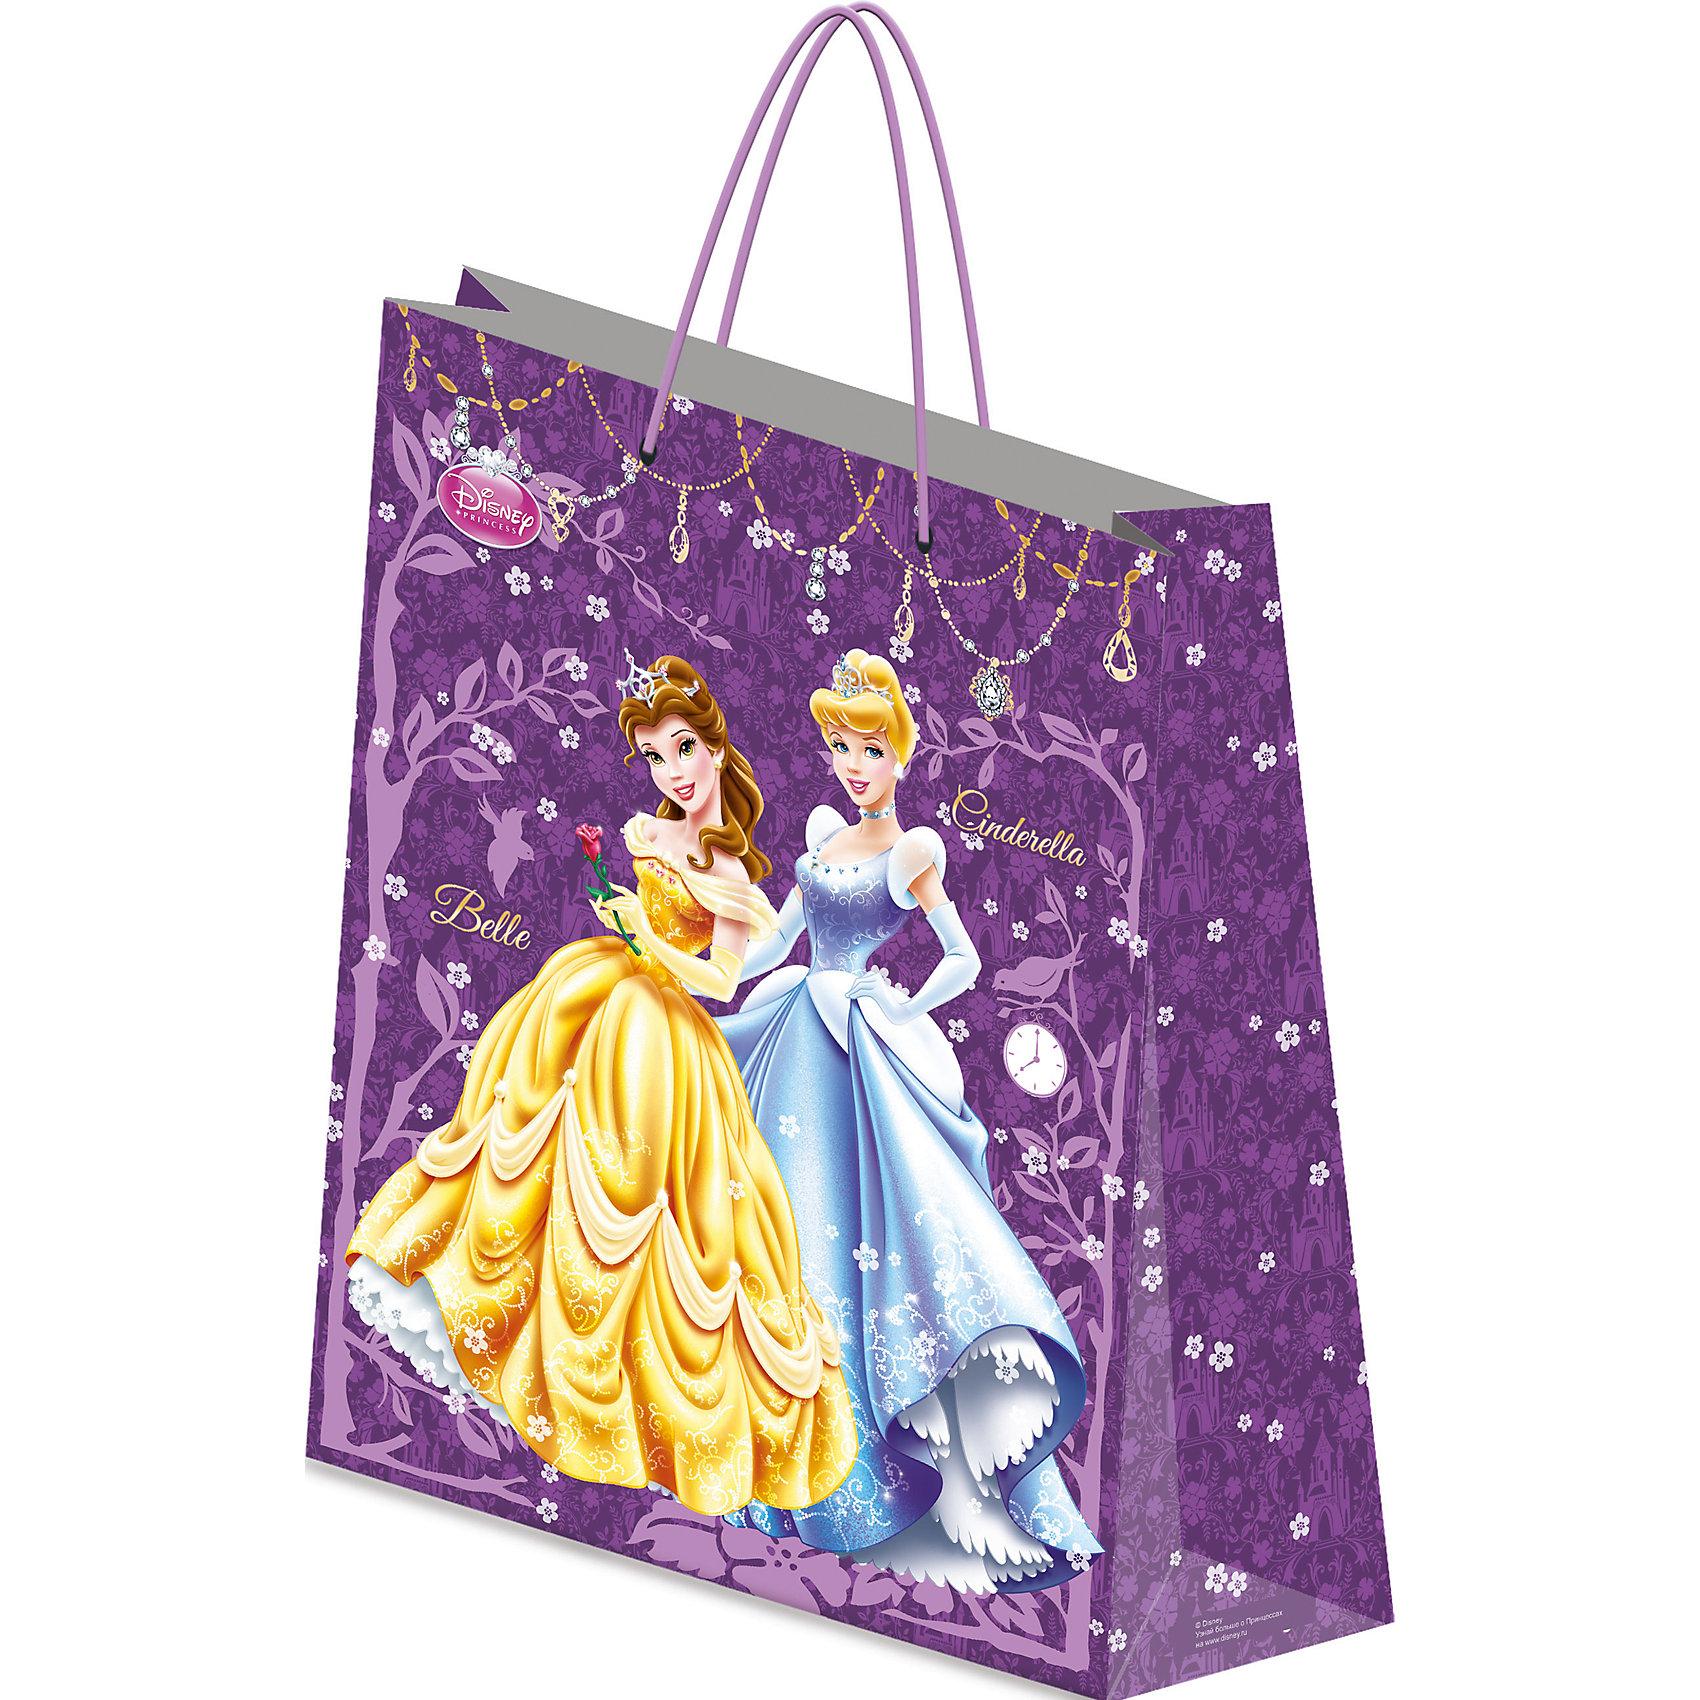 Пакет подарочный, Принцессы ДиснейПакет подарочный, Принцессы Дисней, Академия Групп<br><br>Характеристики:<br><br>• удобные ручки<br>• привлекательный дизайн<br>• матовая поверхность<br>• герои: Белль и Золушка (Дисней)<br>• размер упаковки: 55х15,5х41см<br>• плотность бумаги: 157 гр/м2 <br>• вес: 162 грамма<br><br>Стильный подарочный пакет станет отличным дополнением к основному подарку. Он изготовлен из прочной бумаги, имеет матовую поверхность и уплотненное дно. Пакет оснащен удобными ручками. Яркий дизайн с любимыми героинями Диснеевских мультфильмов добавит радости к любому празднику!<br><br>Пакет подарочный, Принцессы Дисней, Академия Групп вы можете купить в нашем интернет-магазине.<br><br>Ширина мм: 410<br>Глубина мм: 155<br>Высота мм: 550<br>Вес г: 162<br>Возраст от месяцев: 60<br>Возраст до месяцев: 84<br>Пол: Женский<br>Возраст: Детский<br>SKU: 5218459